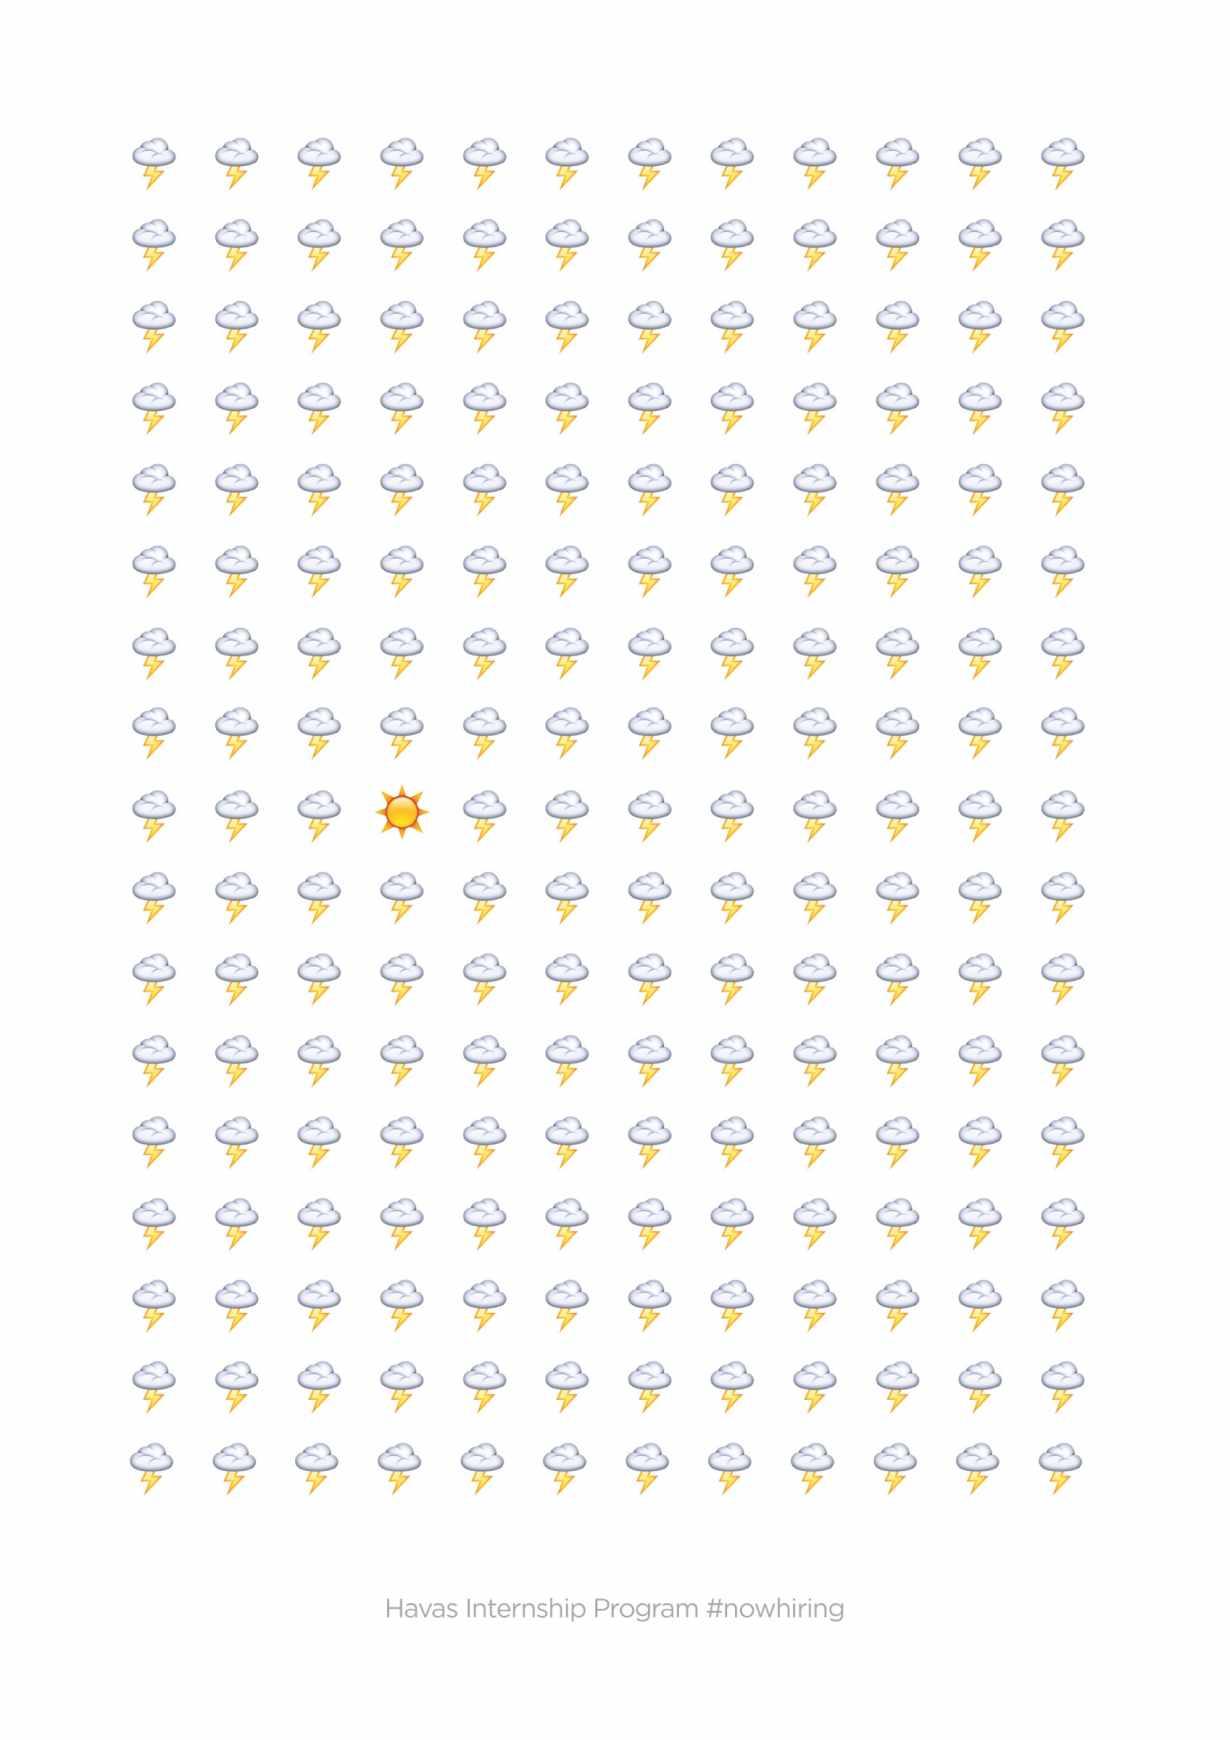 dans-ta-pub-emojis-havas-recrutement-portugal-agence-agency-life-7